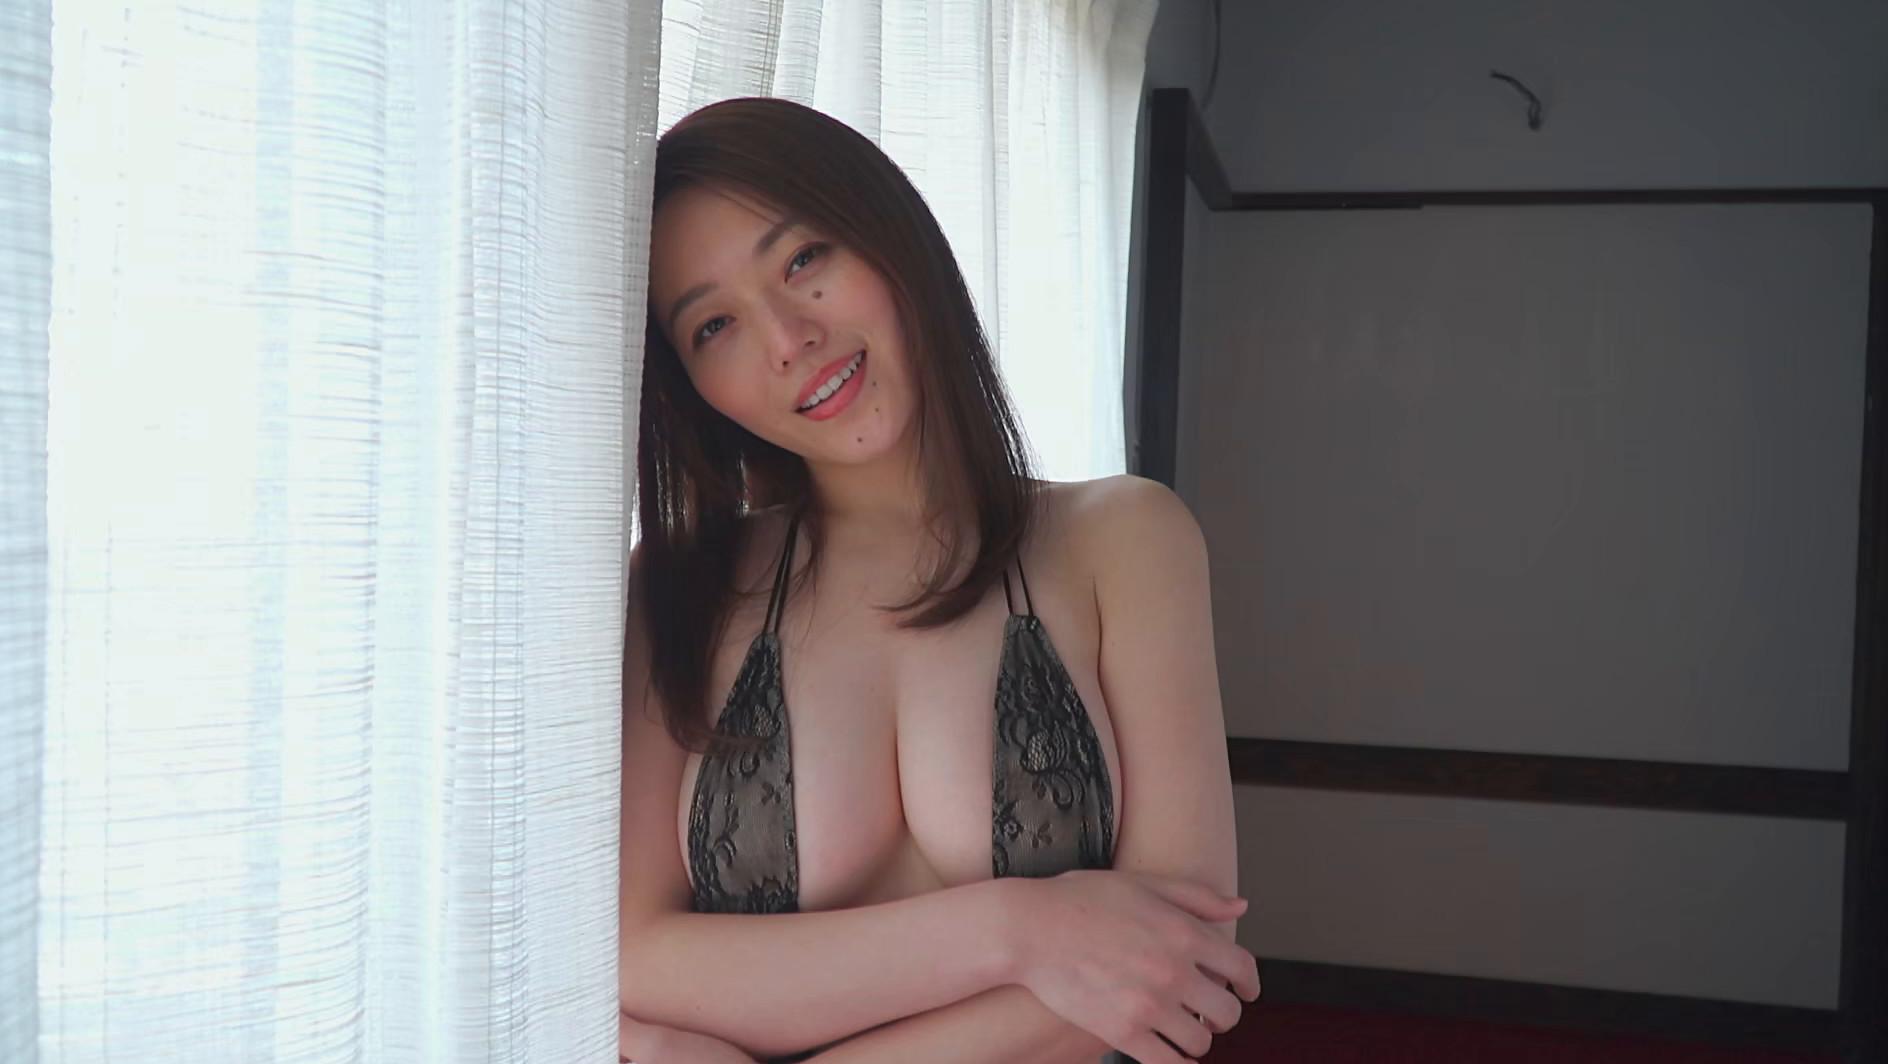 誘うカラダ~いけない万理華お姉さん~ 万理華15